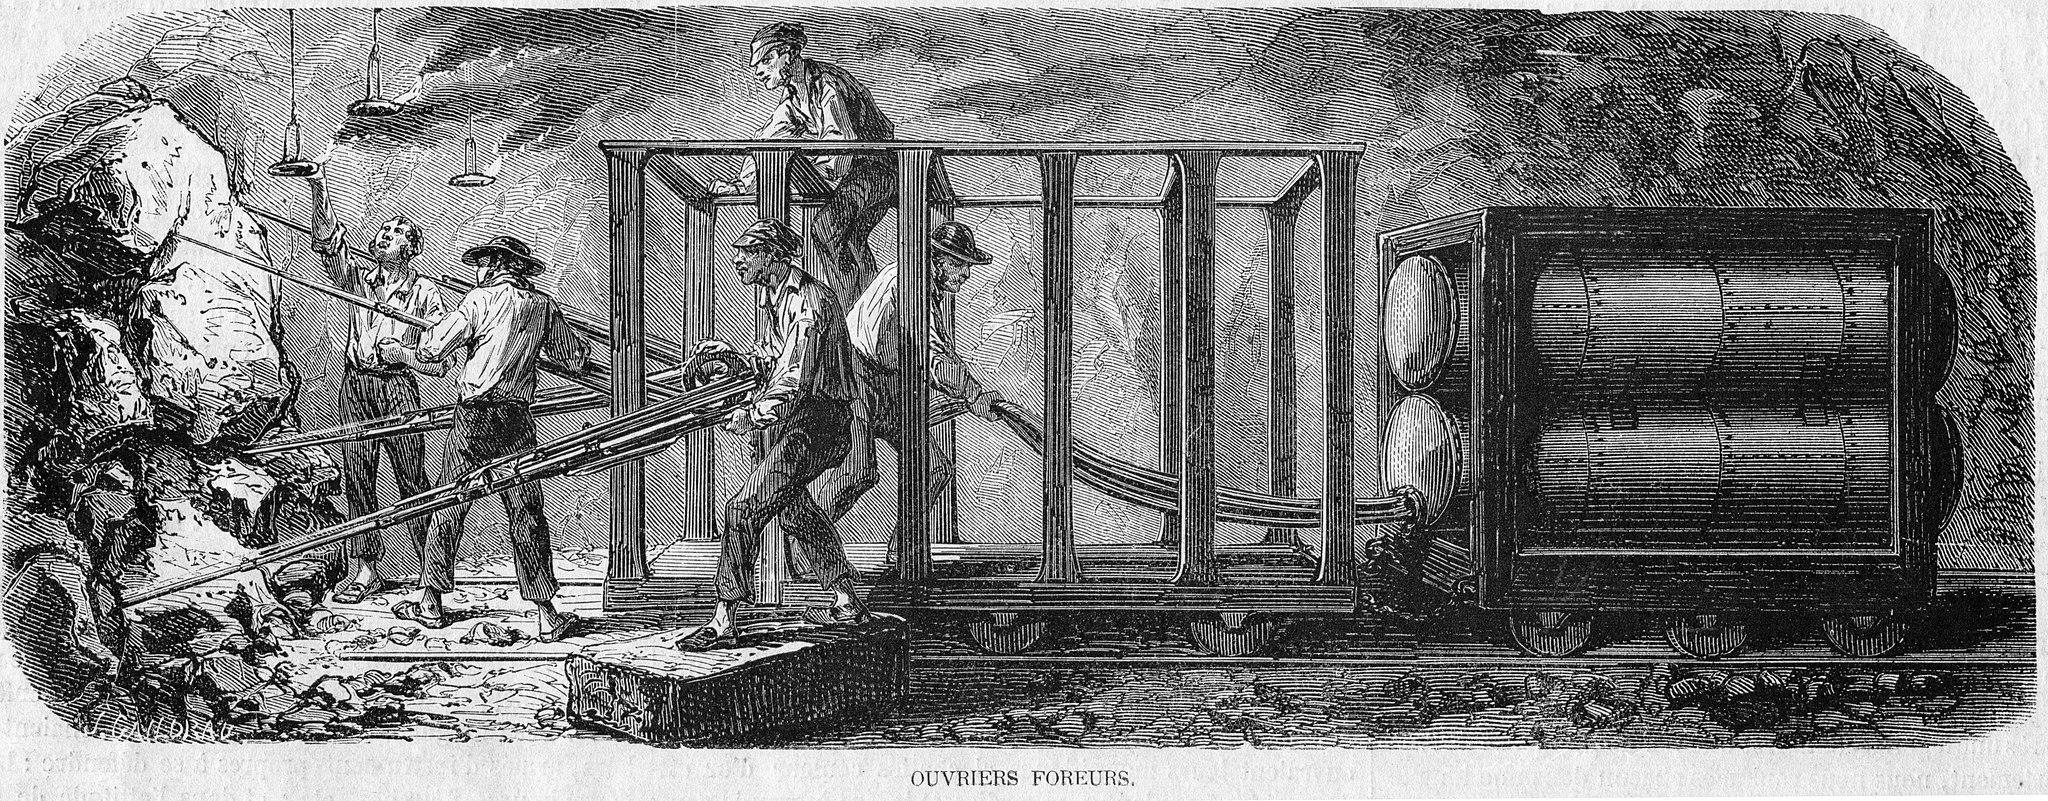 L'Illustration 1862 gravure Percement du Mont Cenis 02, ouvriers foreurs